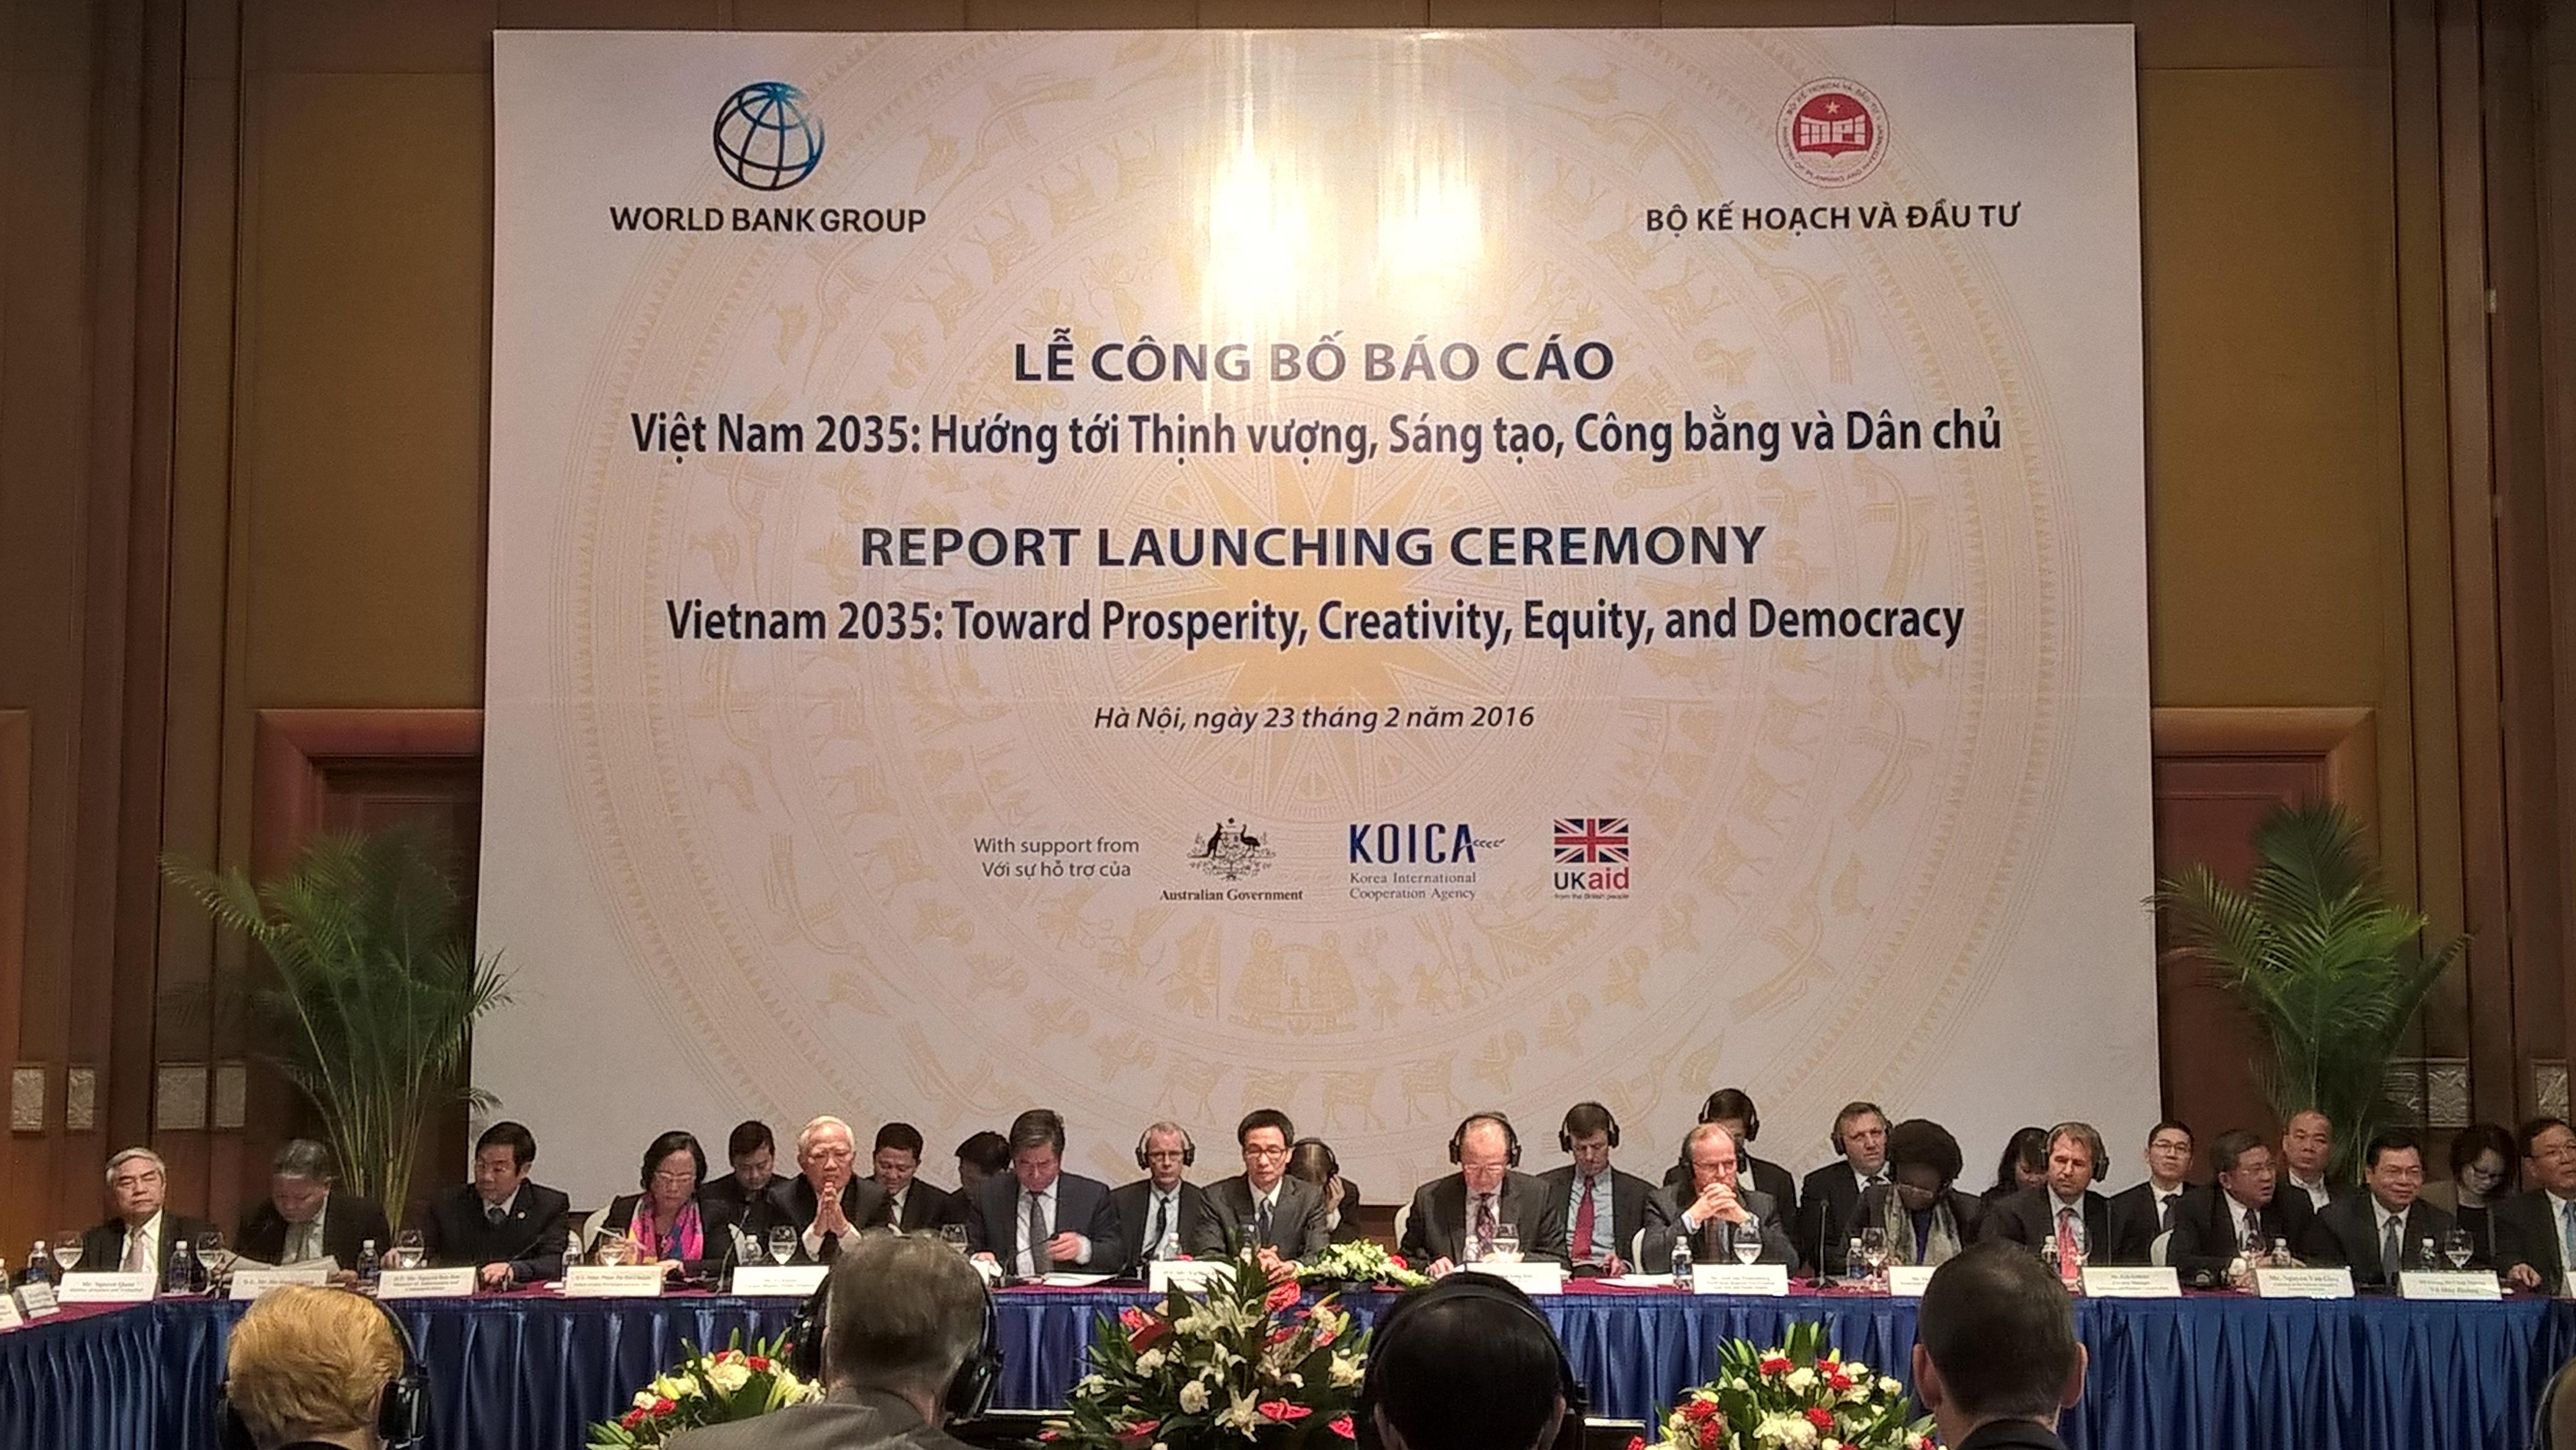 Báo cáo Việt Nam 2035 - Hướng tới Thịnh Vượng, Sáng tạo, Công bằng và Dân chủ của Ngân hàng Thế giới được công bố sáng nay 23/2 đã đưa ra nhiều dự đoán và con số ấn tượng dành cho nền kinh tế Việt Nam